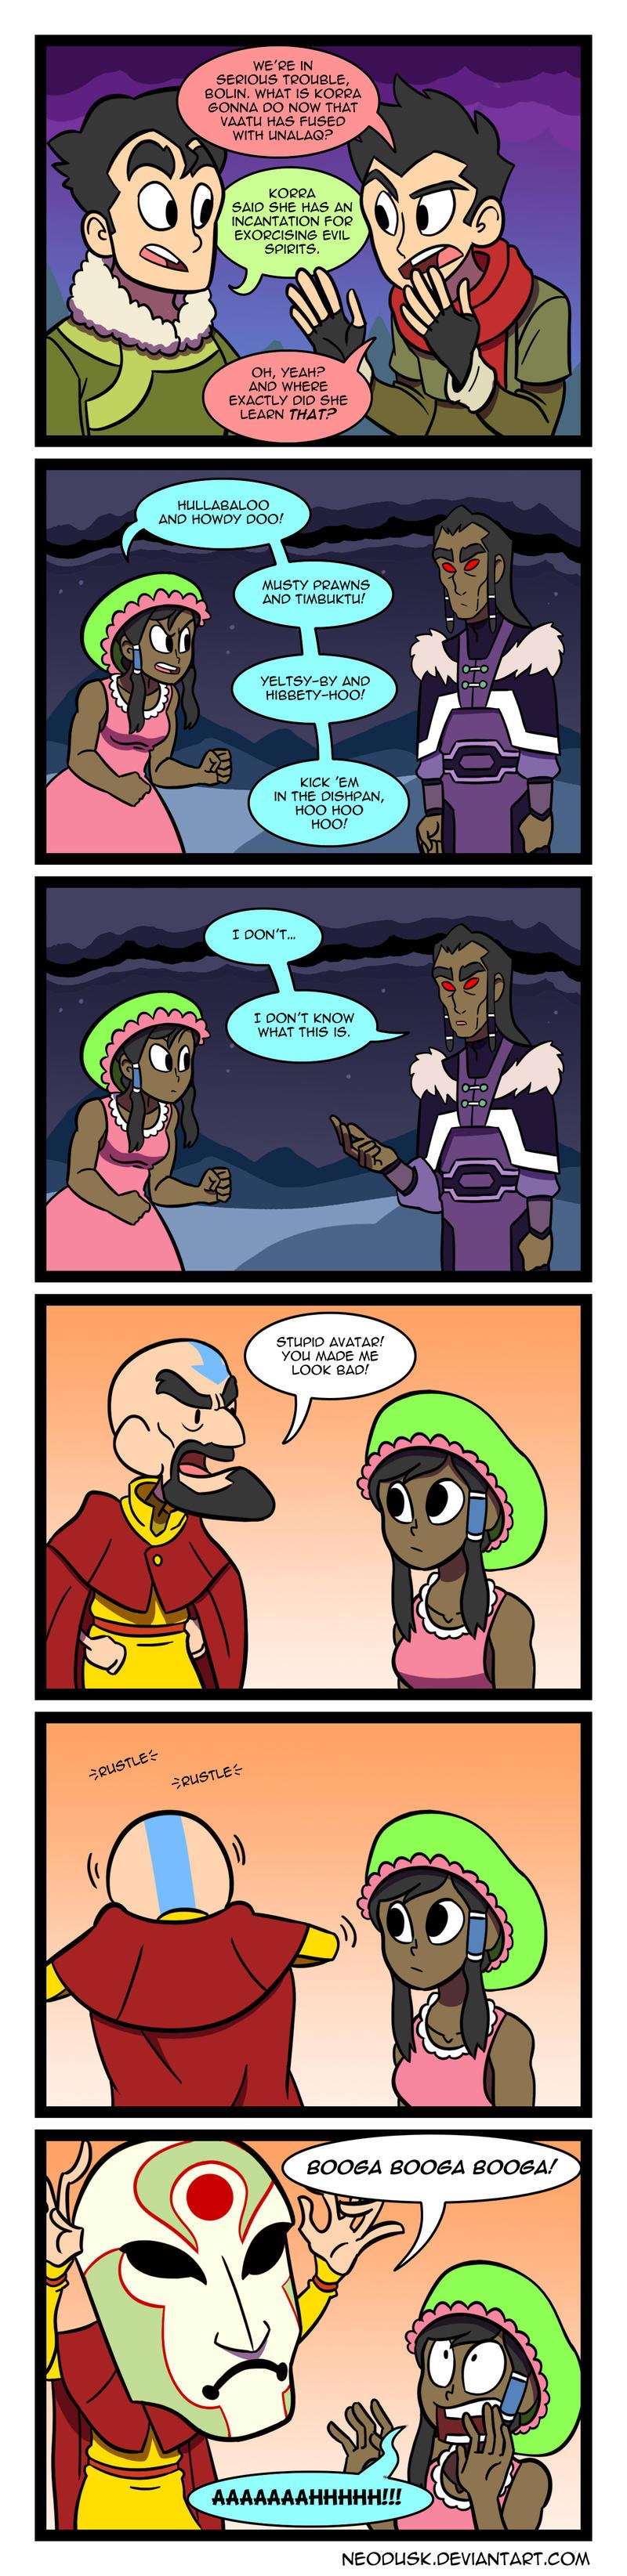 LoK: Korra the Kowardly Avatar